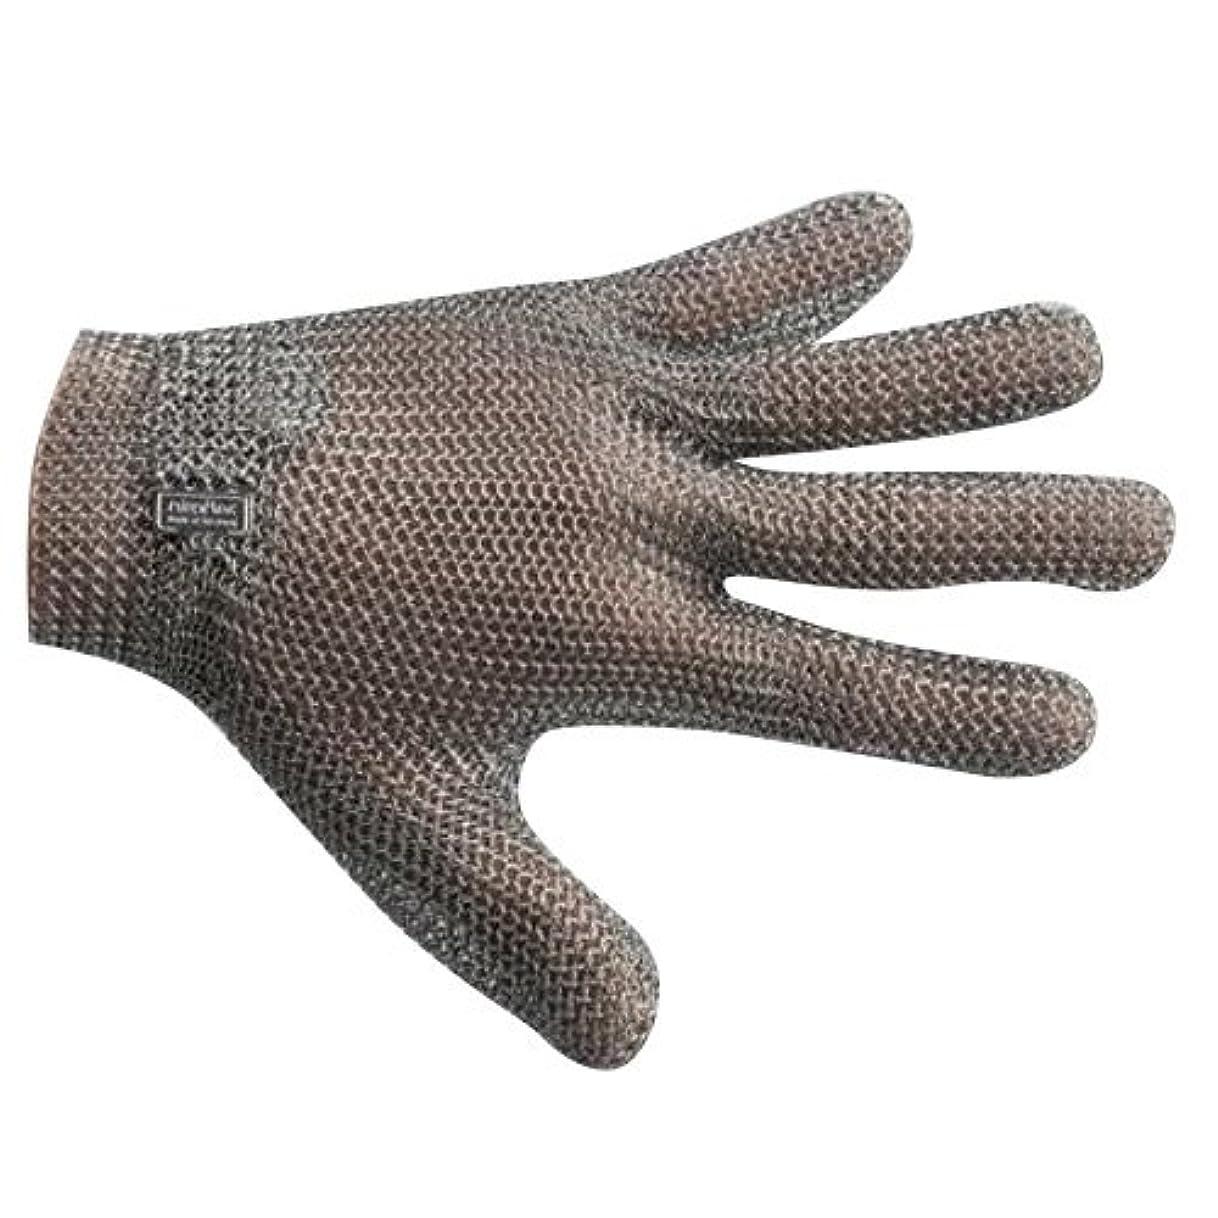 最後にネズミ頼る宇都宮製作 GU-2500 ステンレスメッシュ手袋 5本指(左右兼用) SS